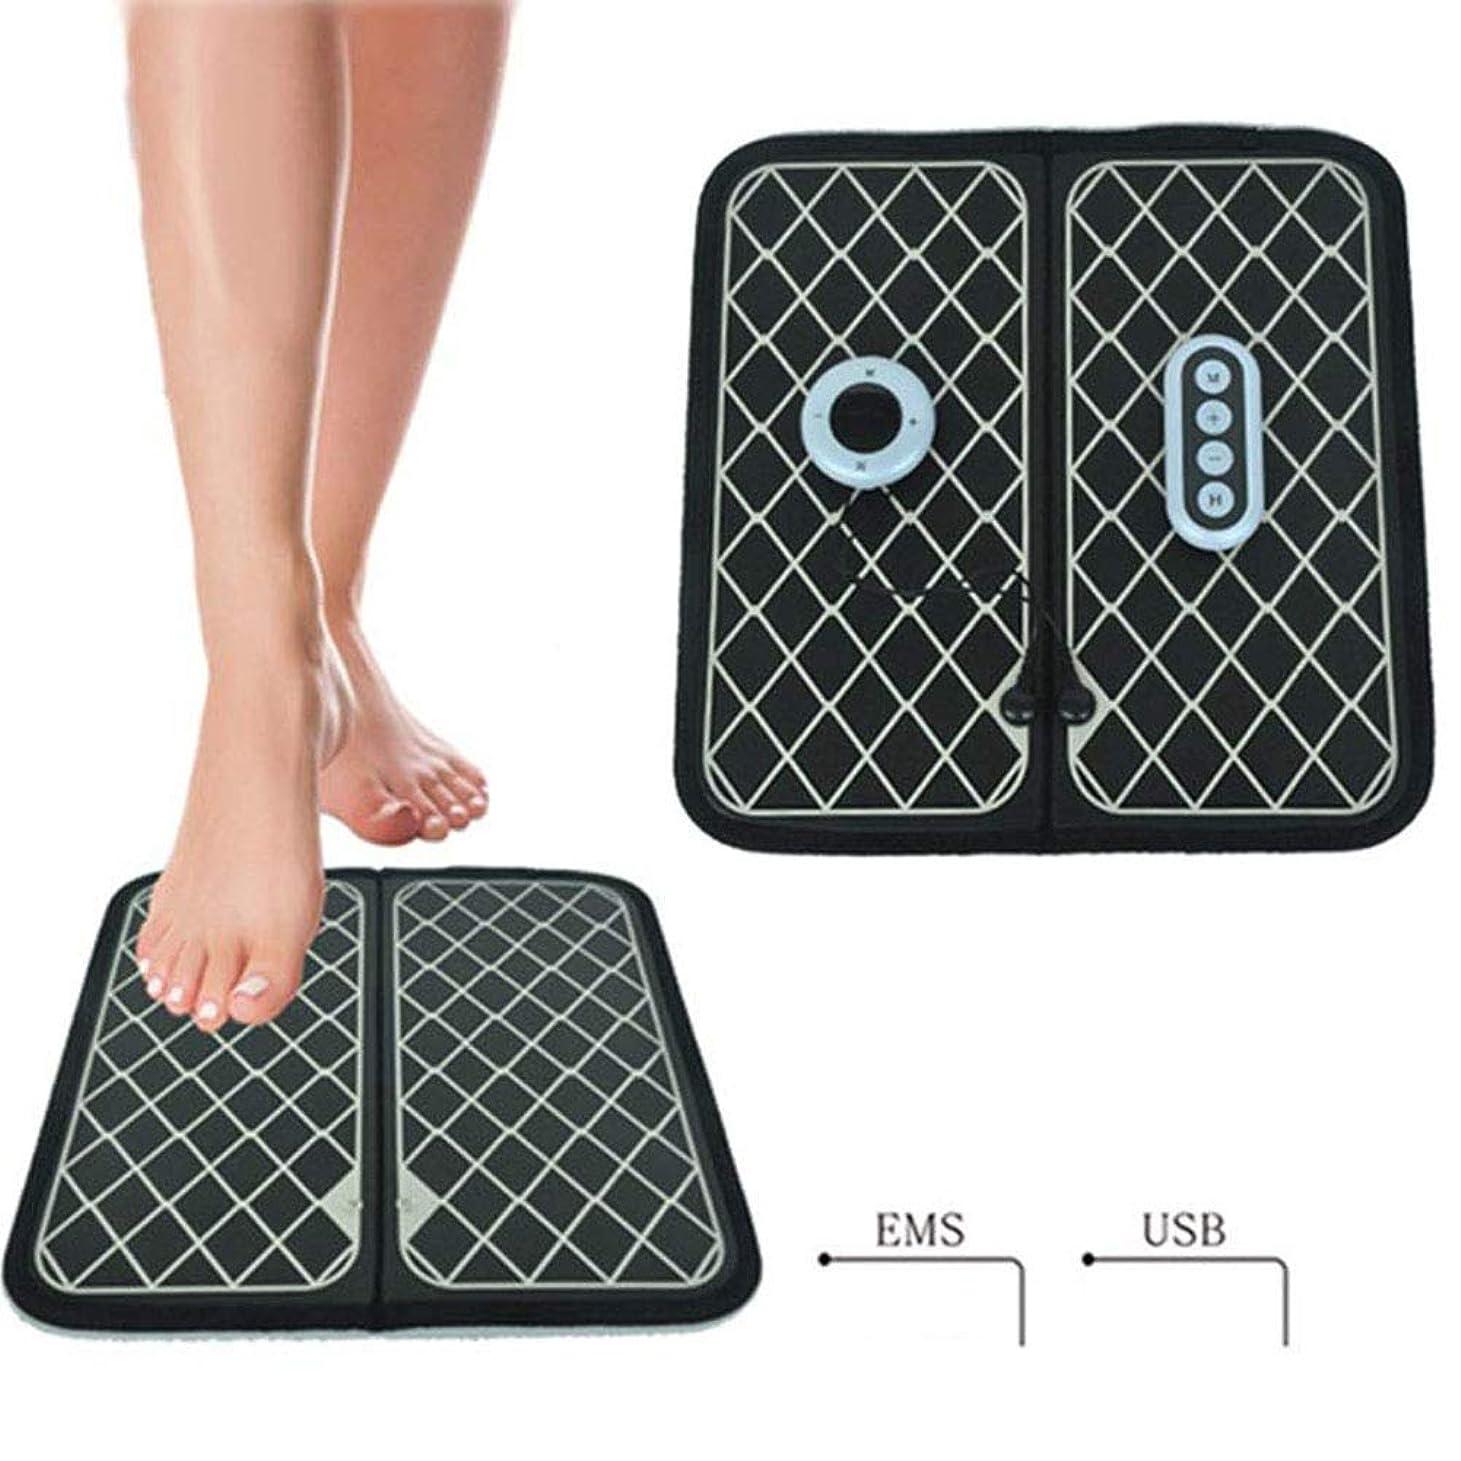 に沿って報復するレザーフットマッサージャーEMSフットサイクルUSBマッサージャー充電式電磁筋肉刺激により、痛みを軽減し、血液循環を改善し、足の疲労を軽減します